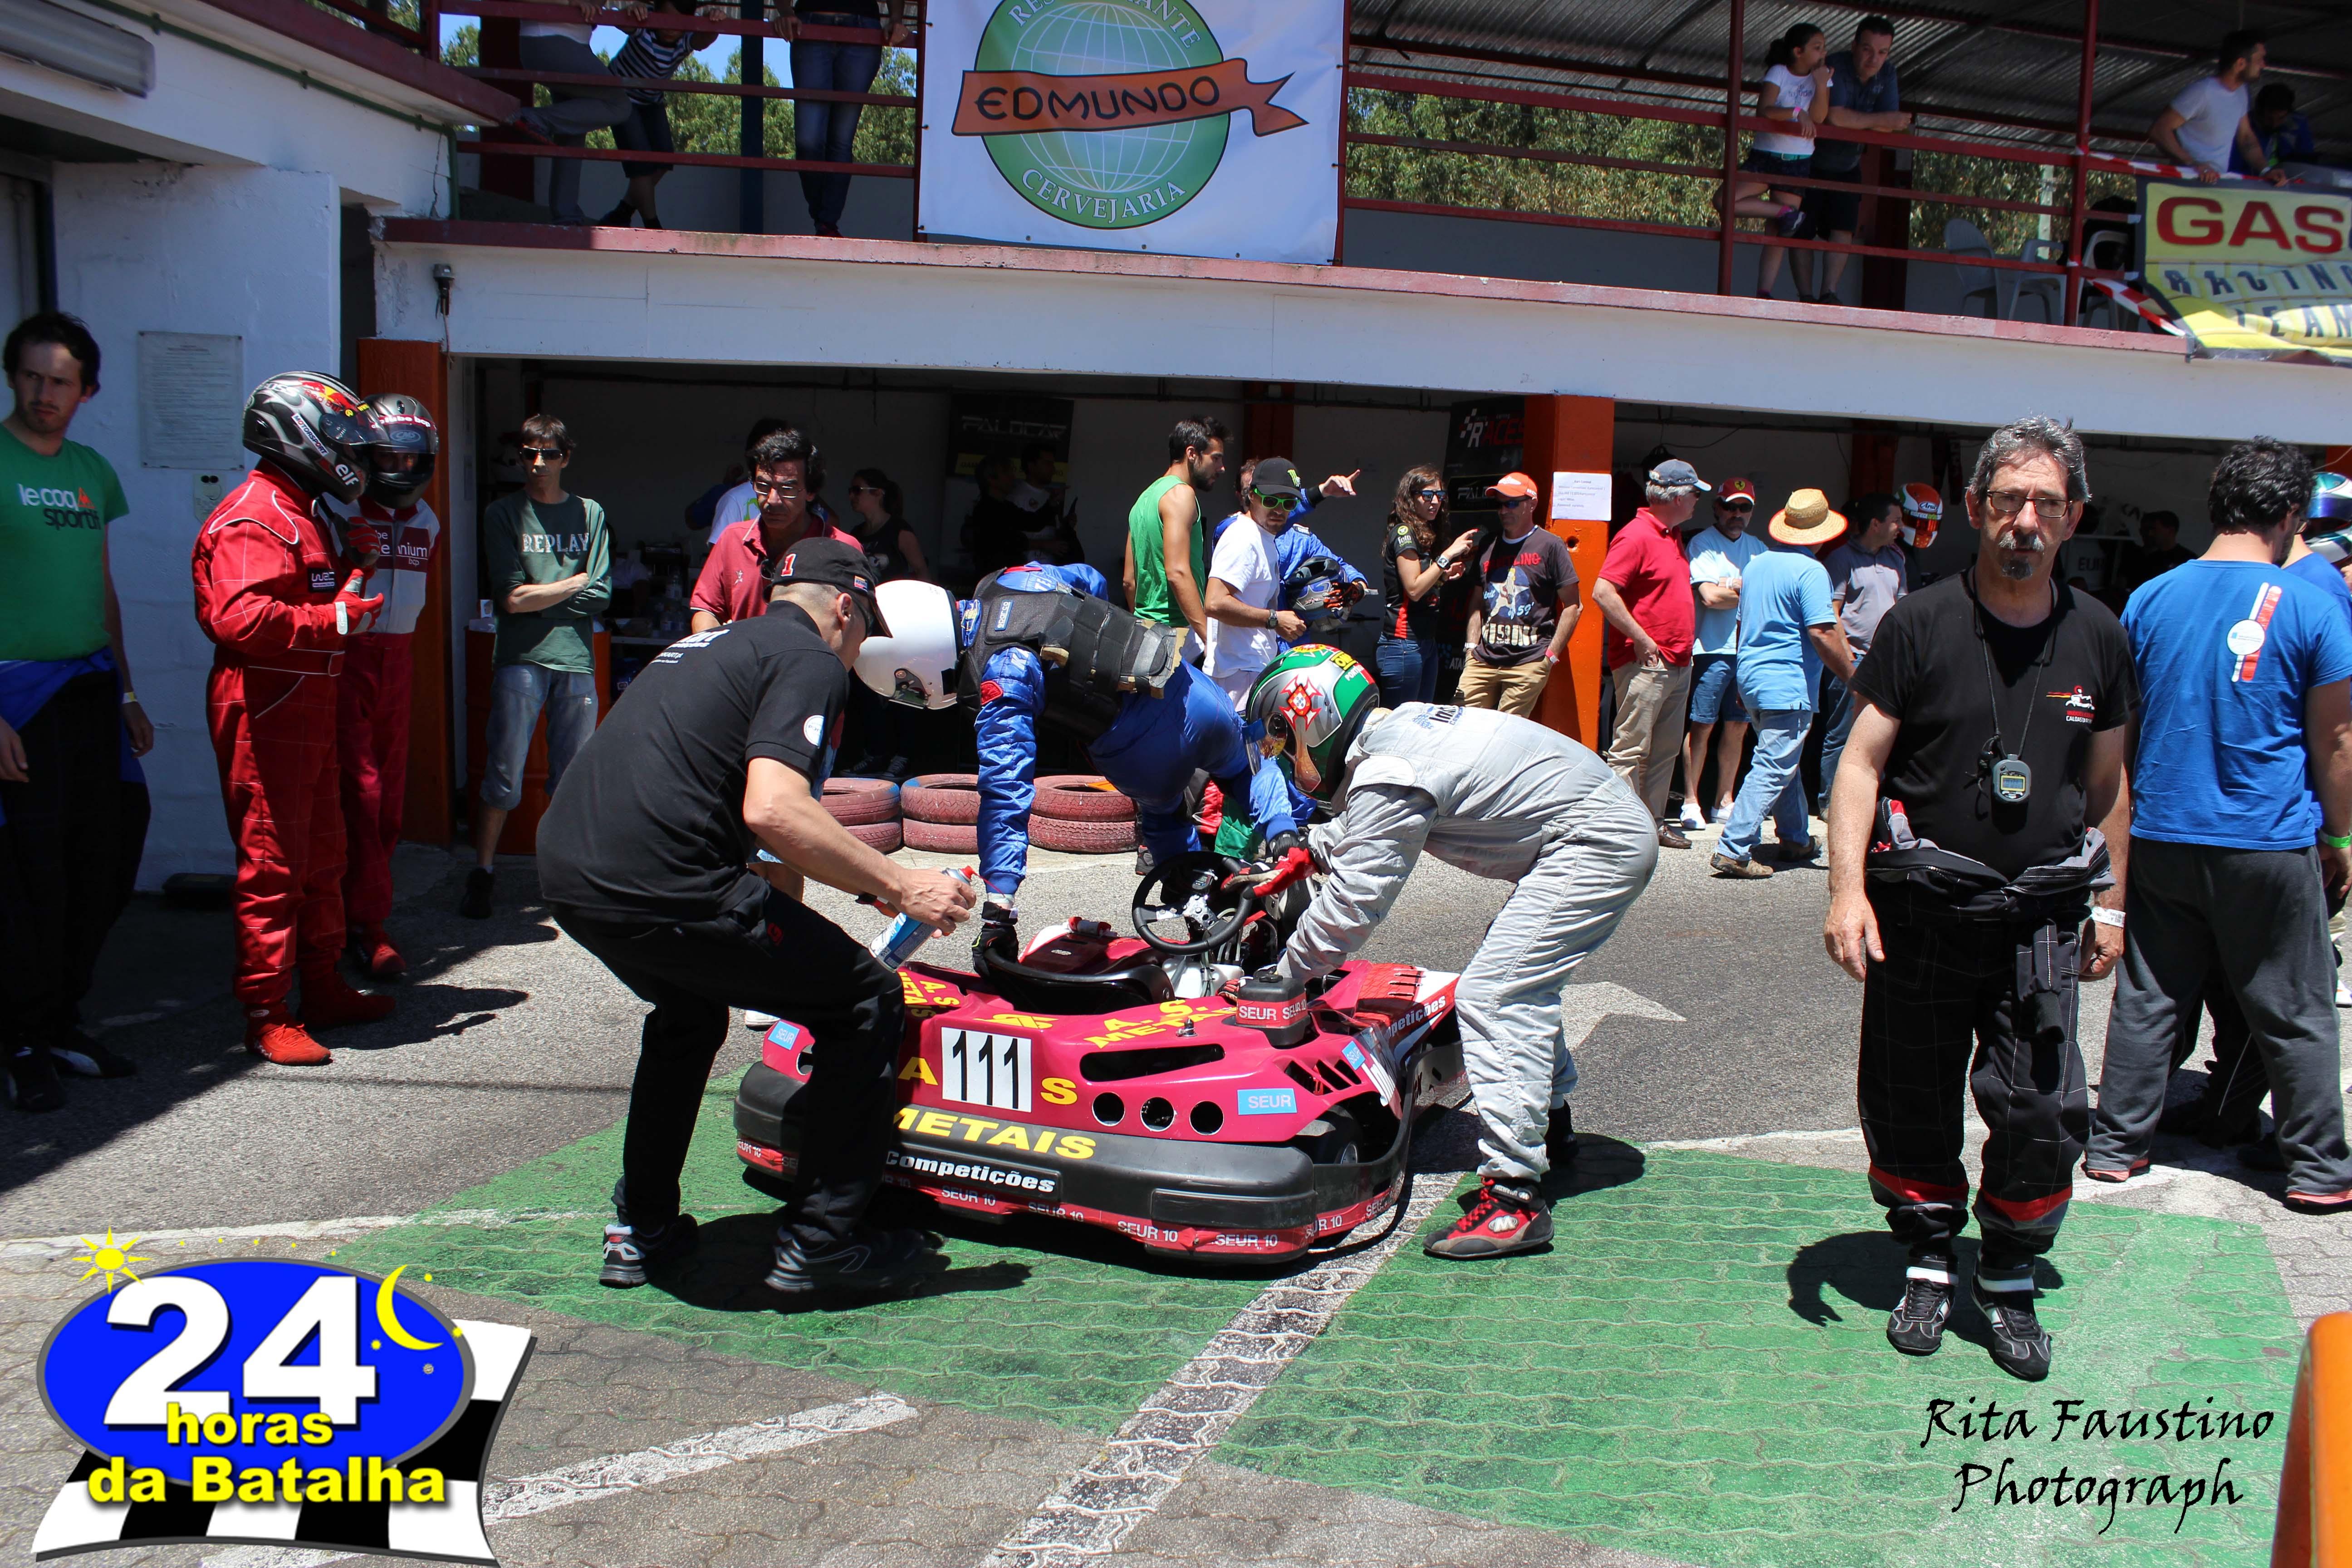 24 Horas da Batalha 2015 - Troca de pilotos113